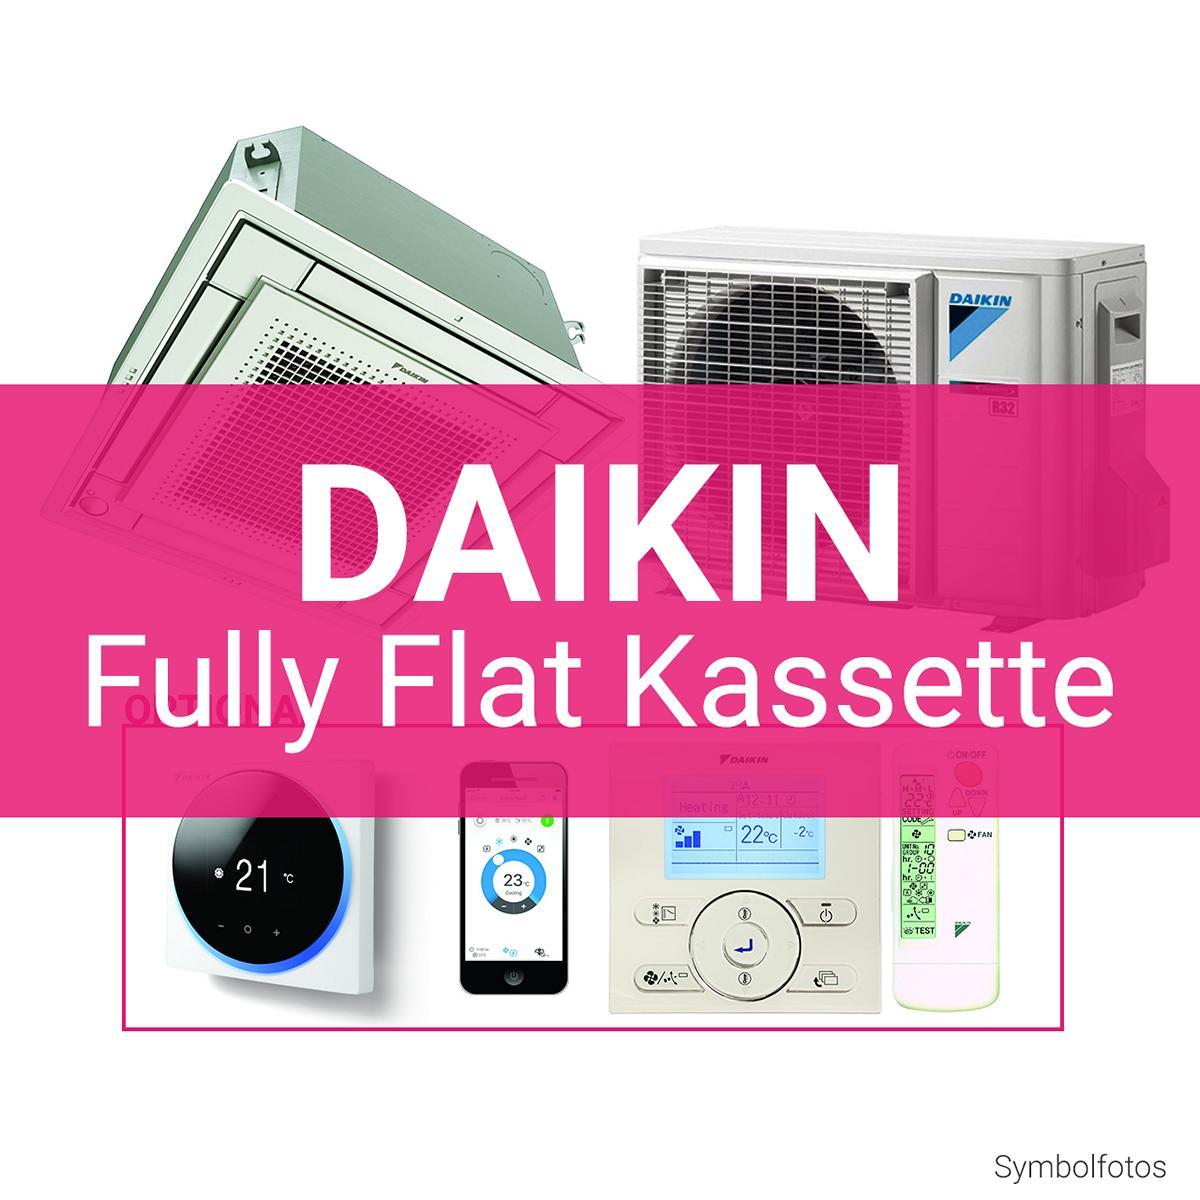 Daikin Fully Flat Kassetten Gerät R32